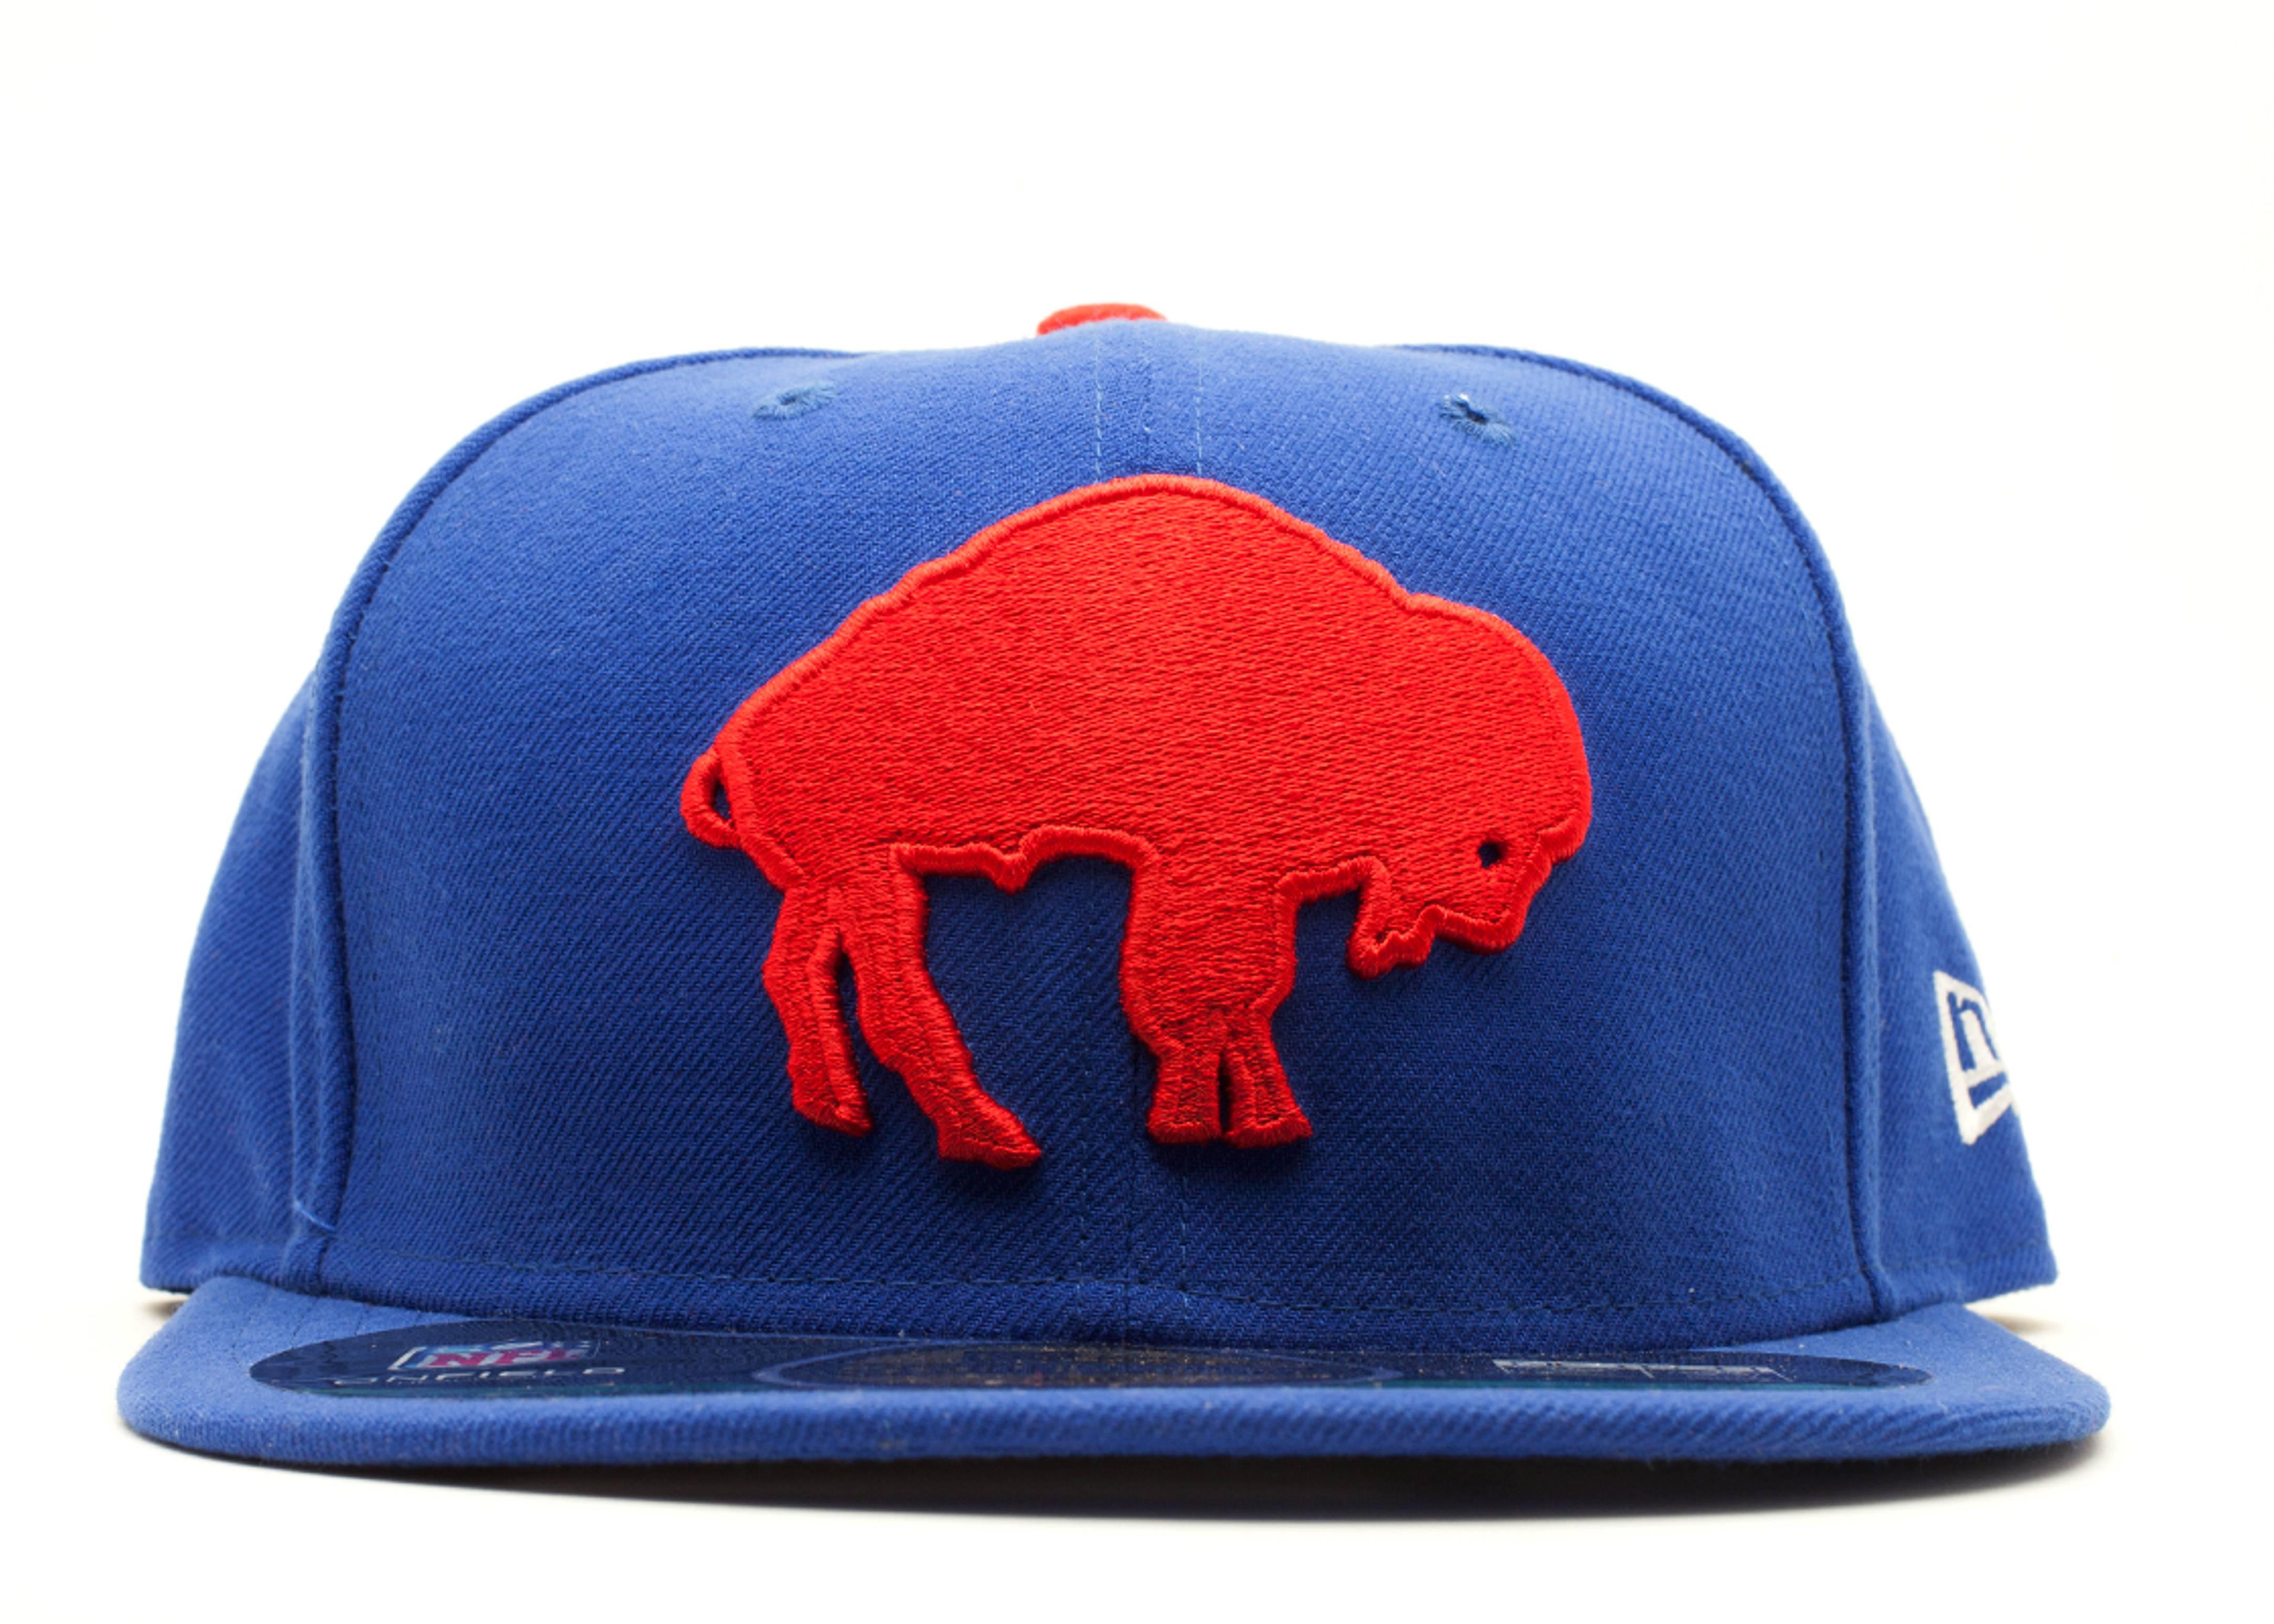 buffalo bills fitted